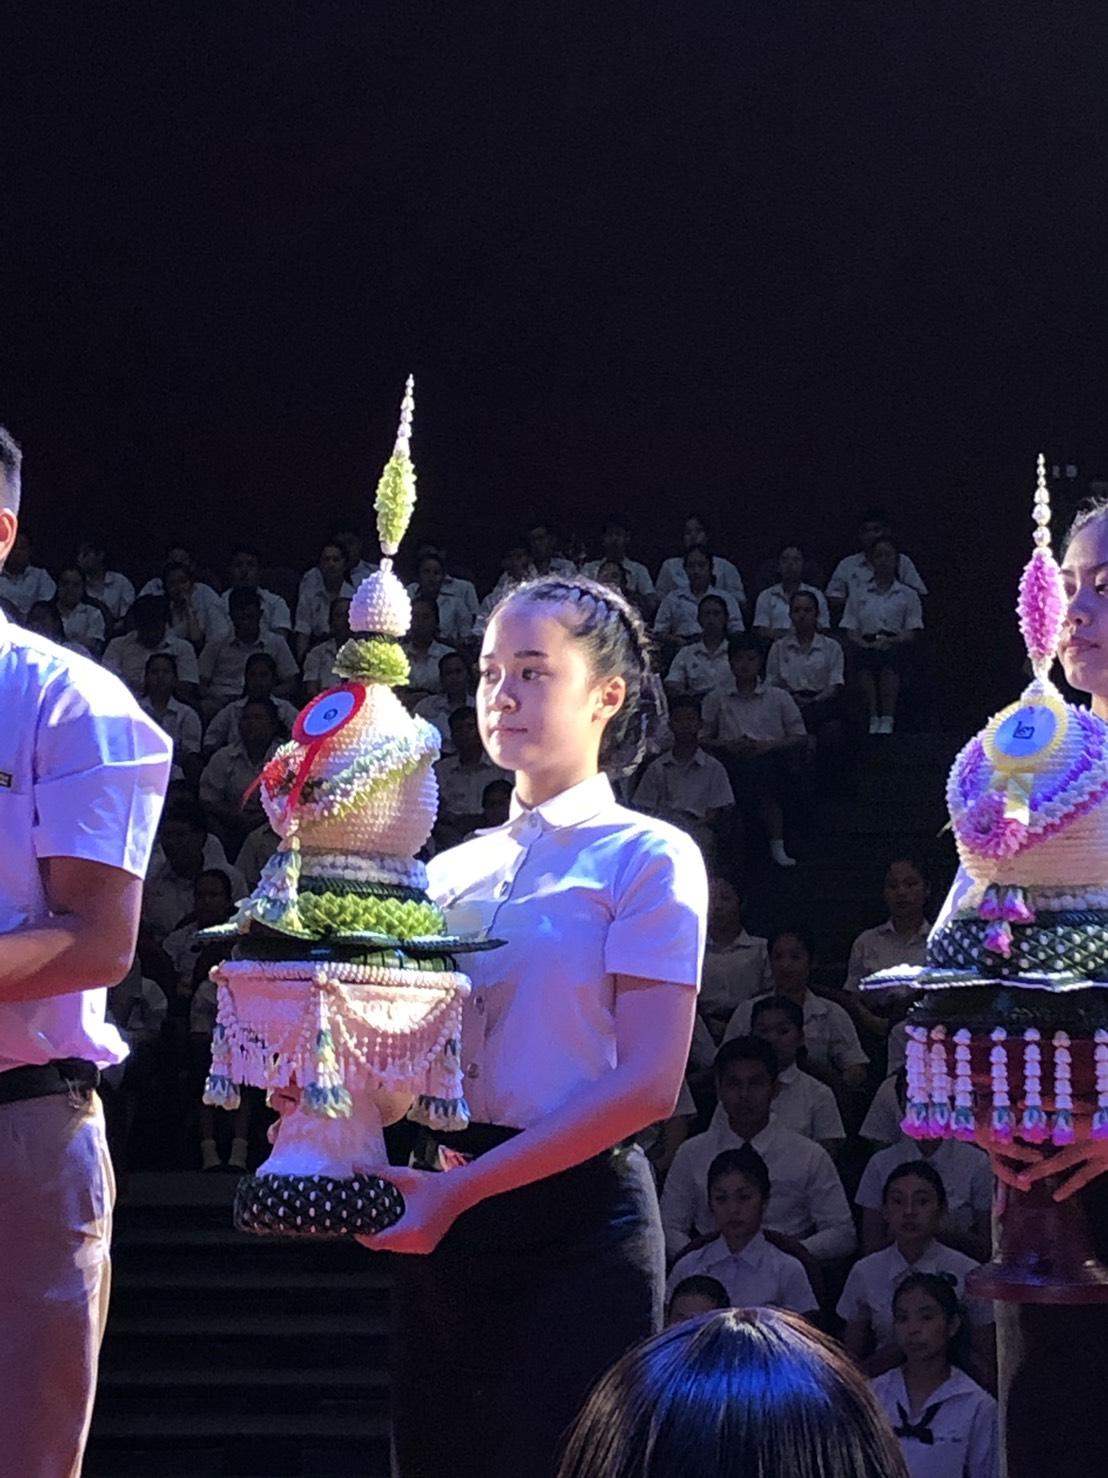 ร่วมพิธีไหว้ครูวิทยาลัยนาฏศิลปเชียงใหม่ ประจำปีการศึกษา 2562